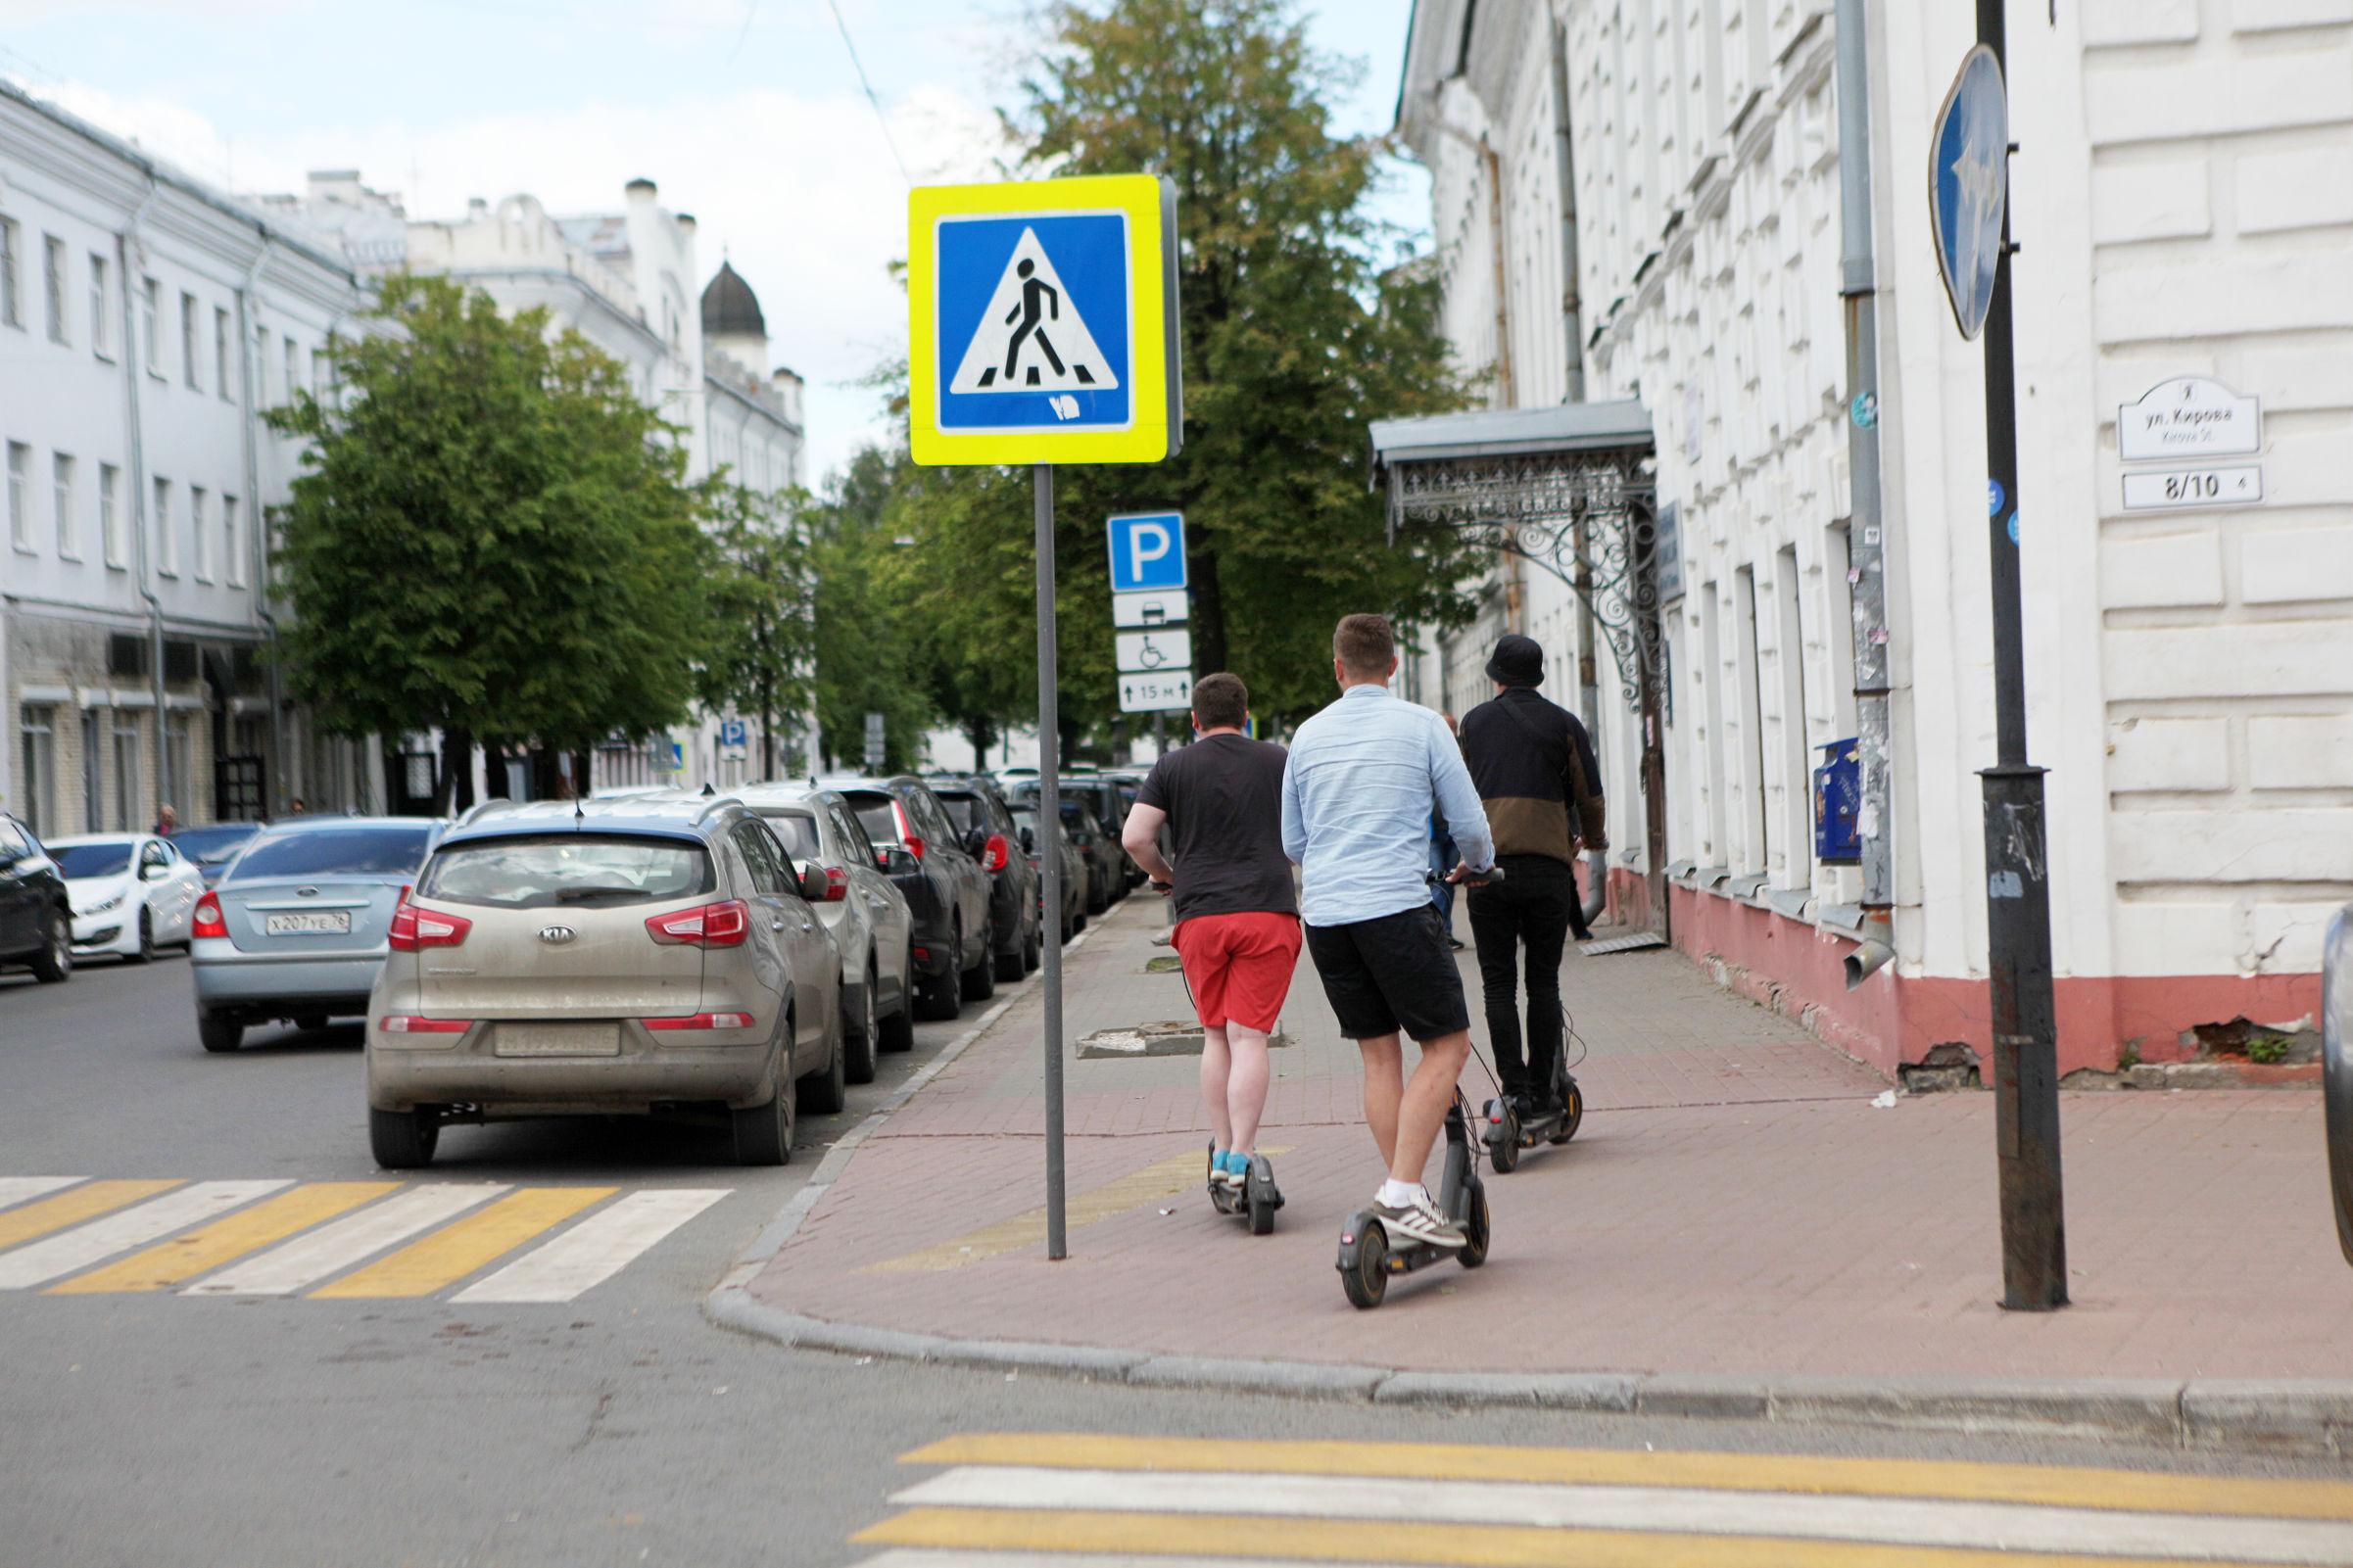 Врачи обеспокоены ростом детского травматизма: в Ярославле планируют ввести единые правила езды на самокатах